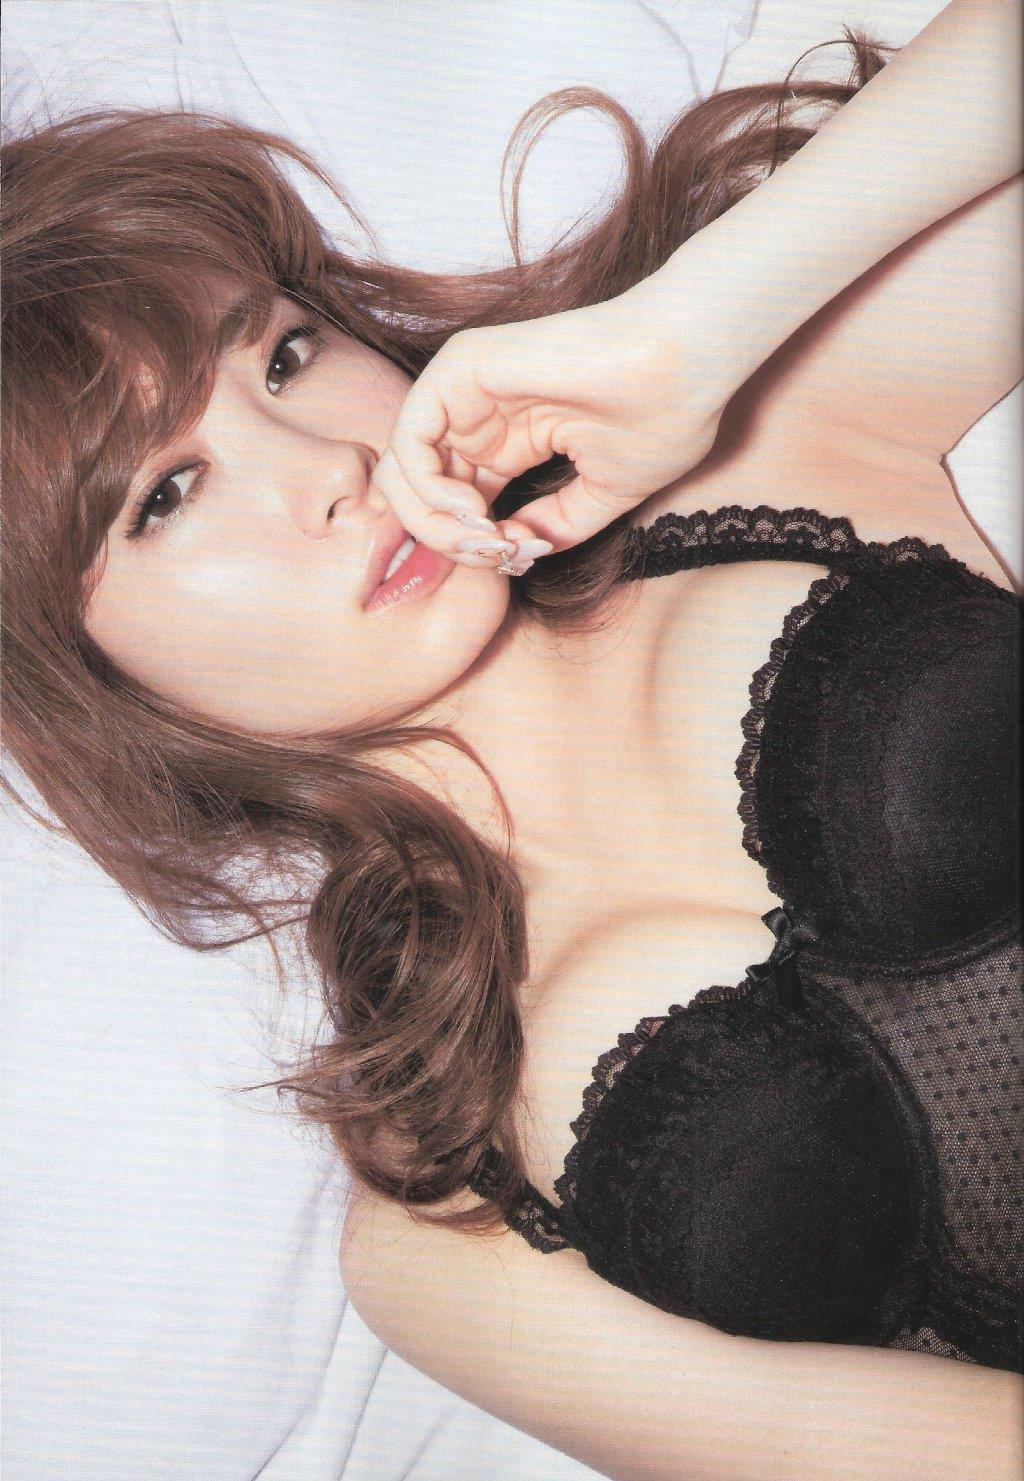 小嶋陽菜 ランジェリー画像 49